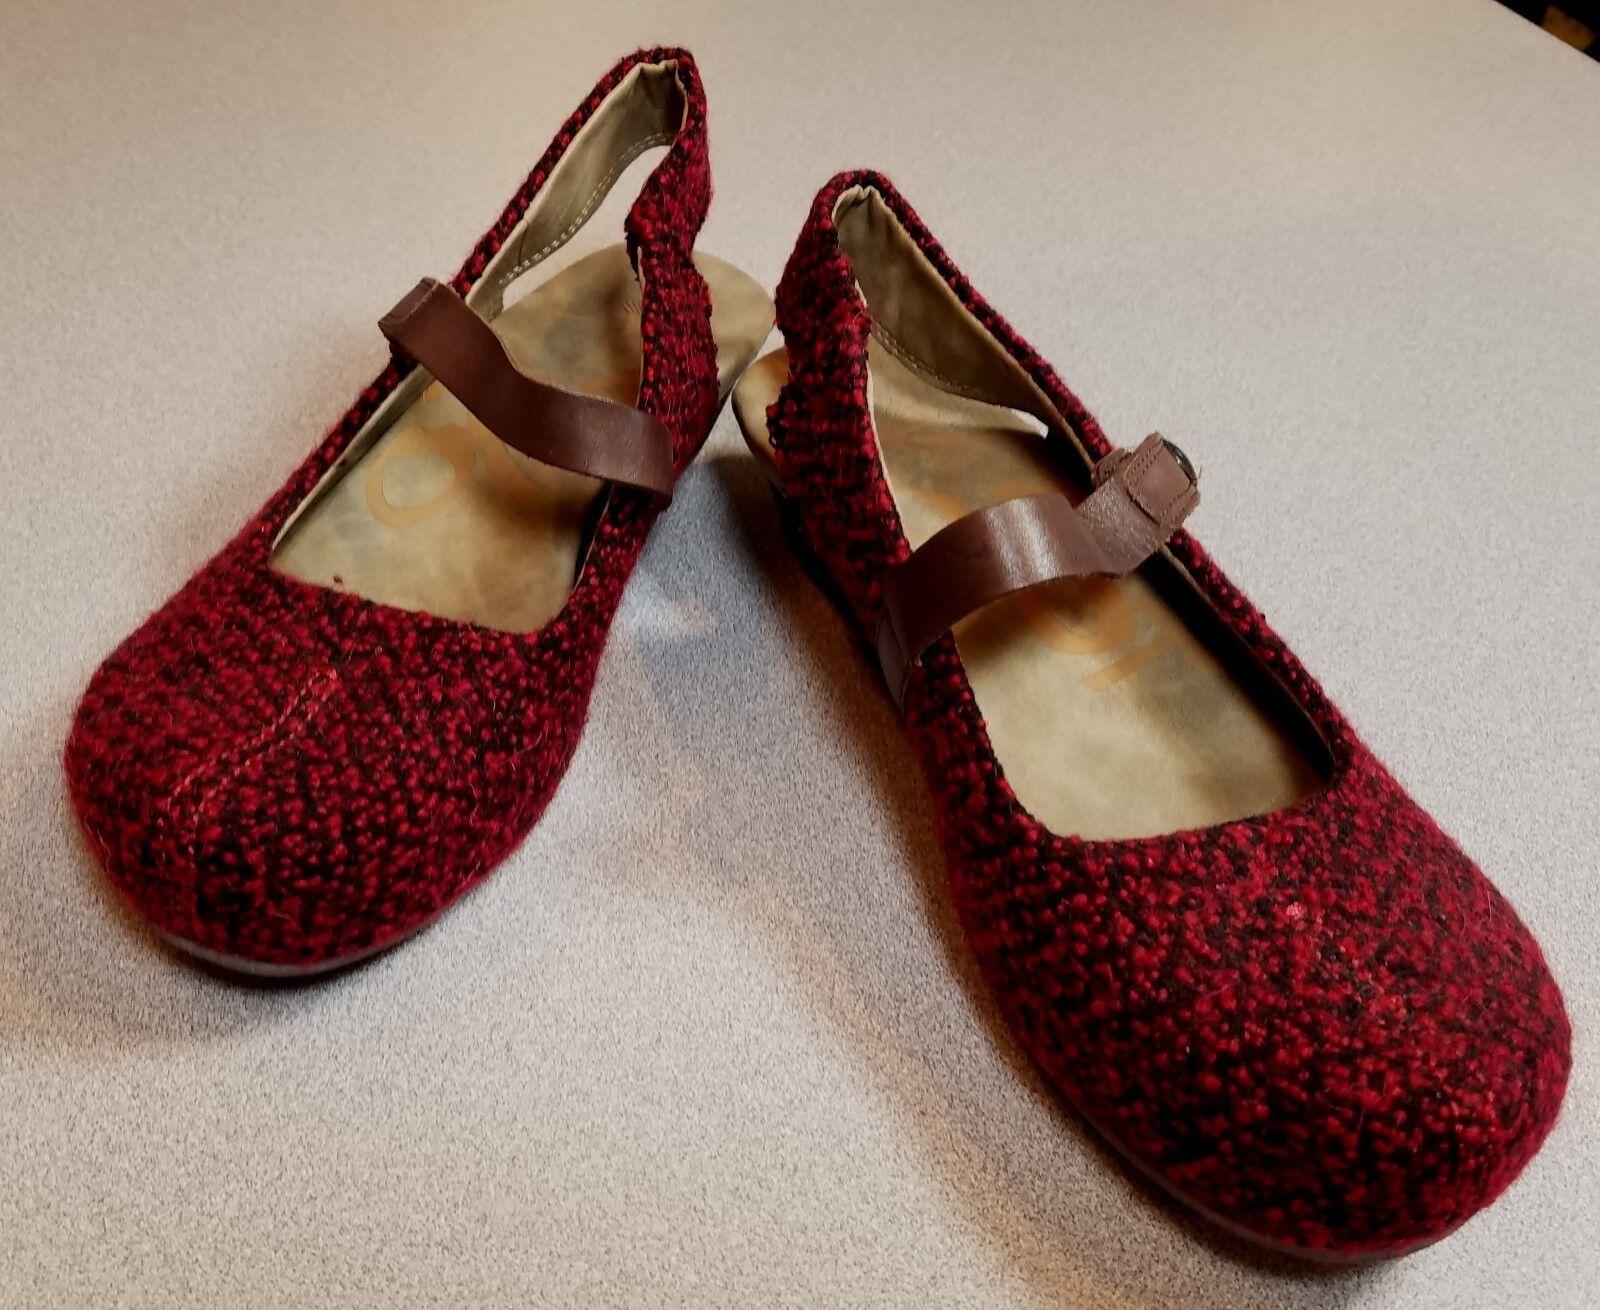 Para Mujeres Tejido OTBT Springfield Springfield Springfield Grosadolla superior Tacón con Plataforma Zapato Talla 7  más orden